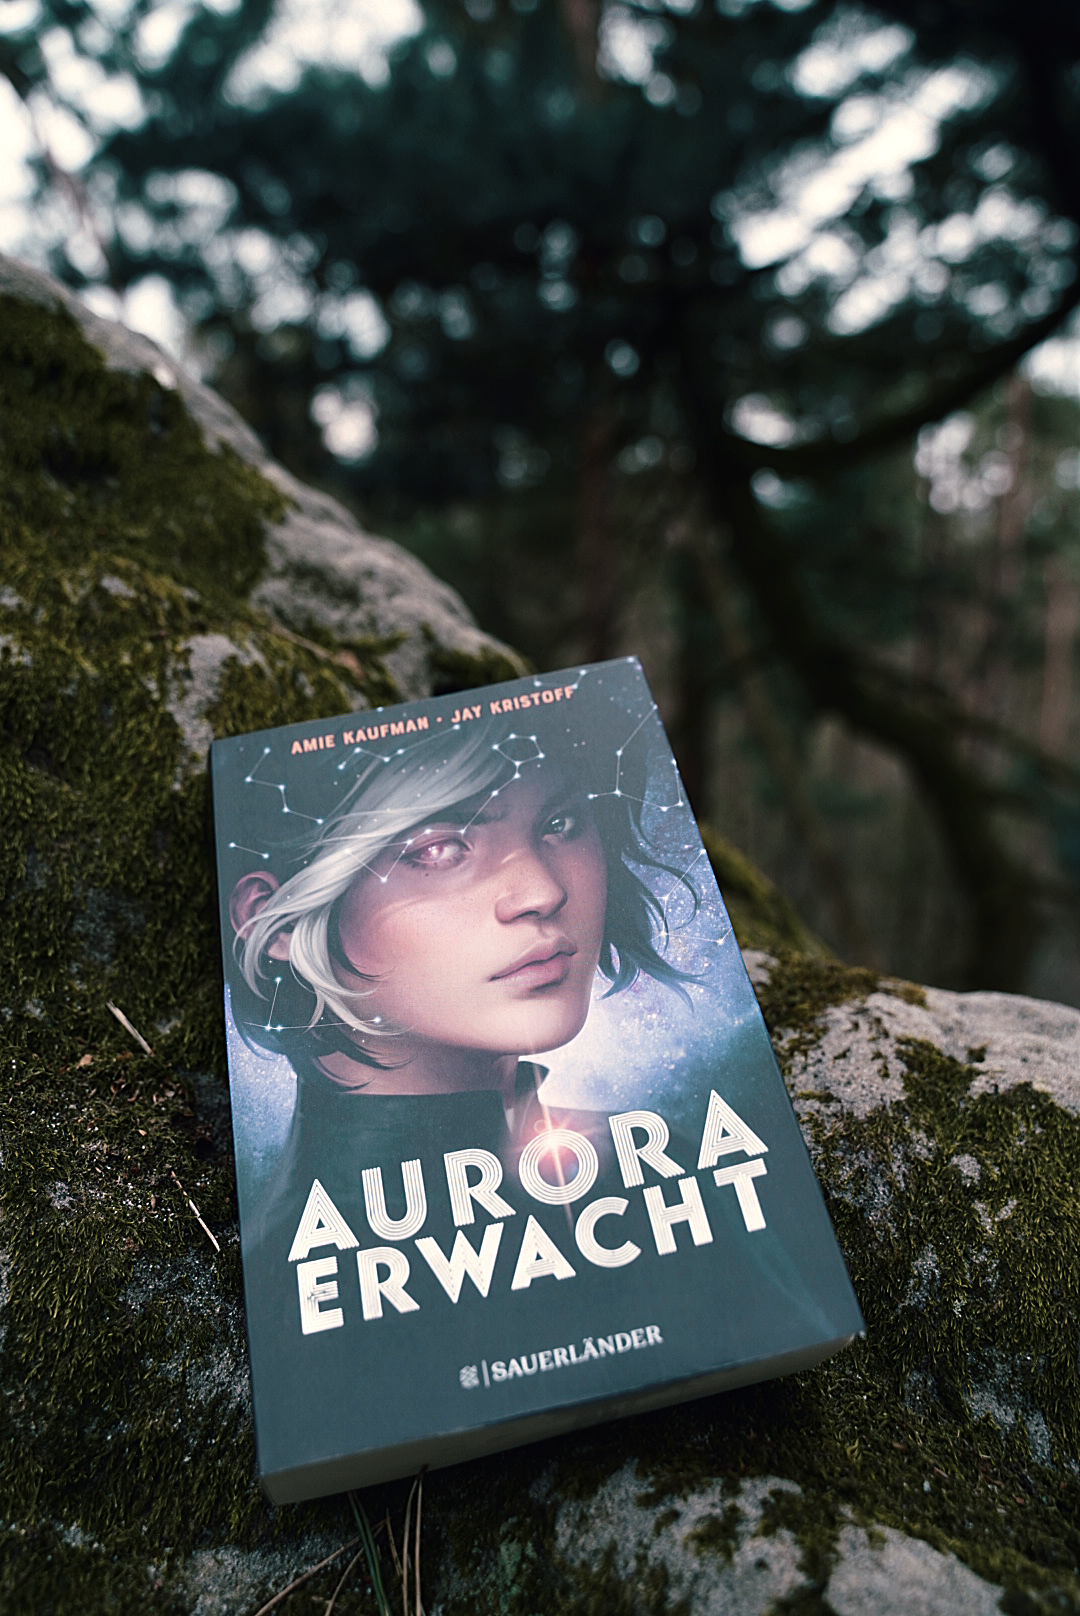 Aurora erwacht – Amie Kaufman & Jay Kristoff